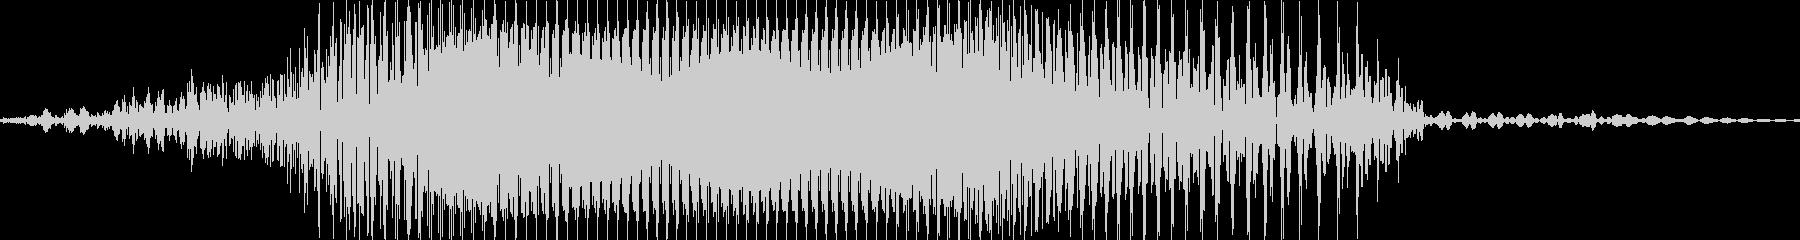 ファール!の未再生の波形